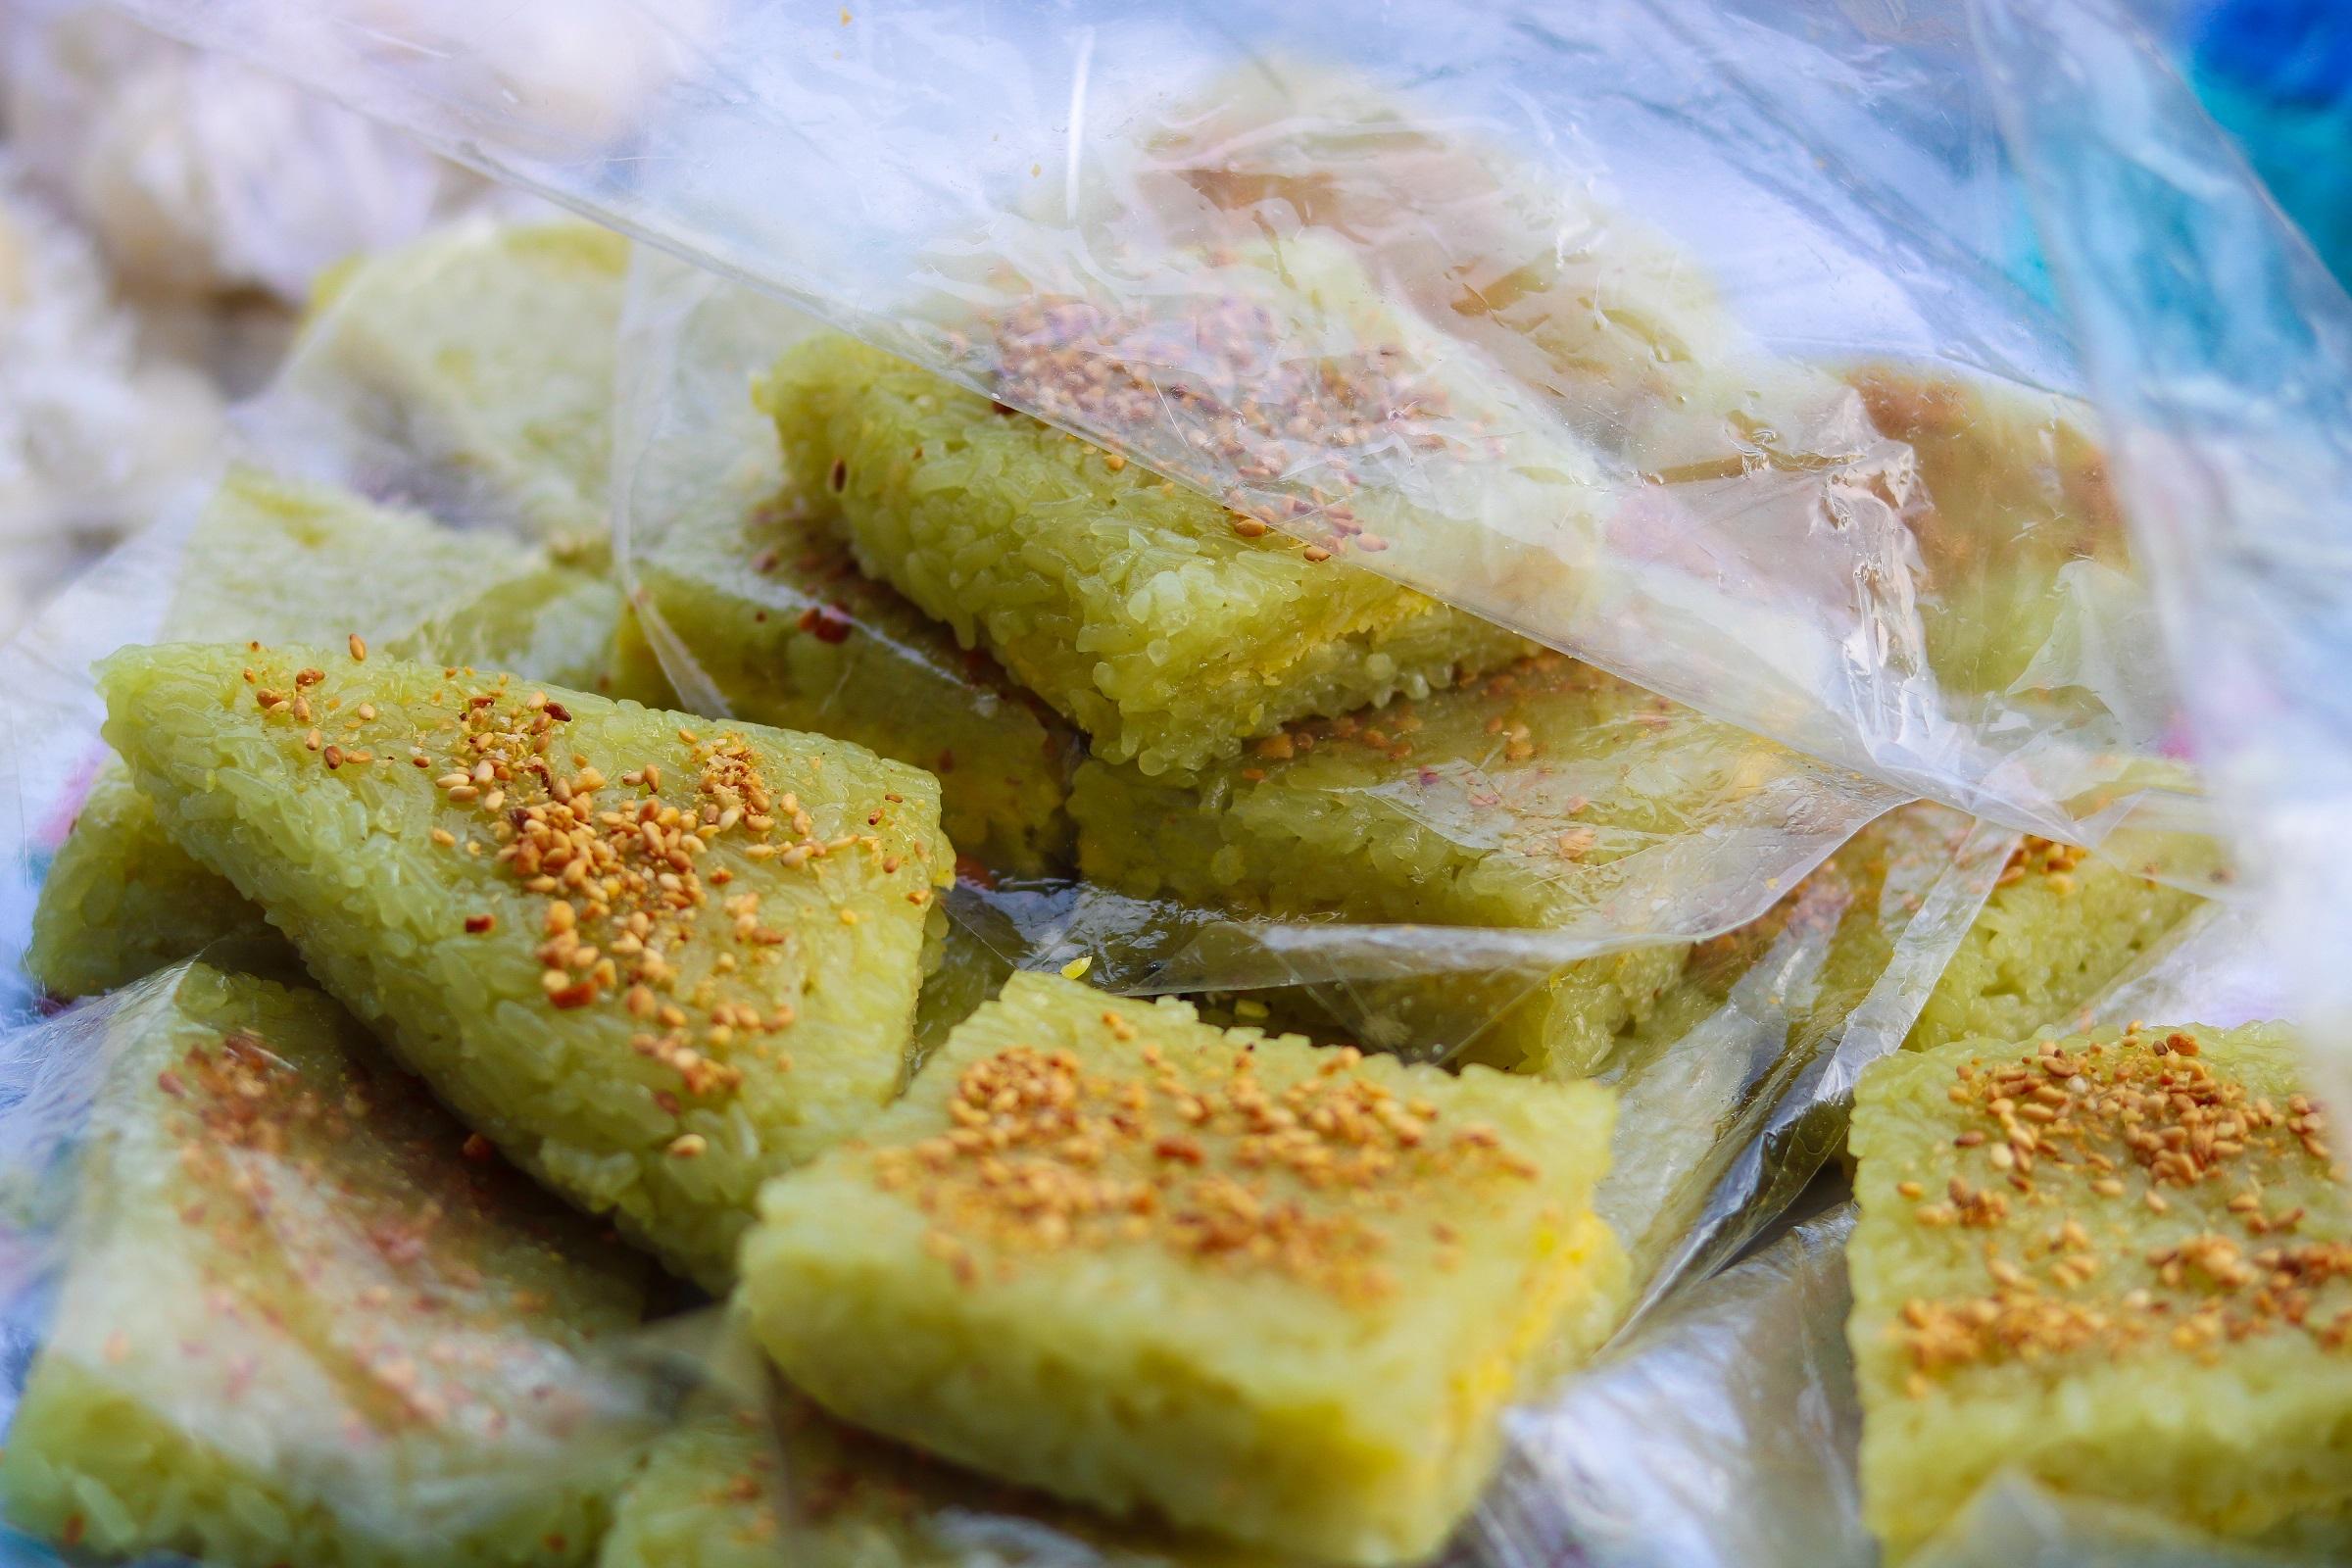 Xôi vị là món ngon dân dã thường gặp ở các khu chợ quê ở miền Tây và chợ Tân Châu, An Giang cũng không ngoại lệ. Món xôi được làm từ nếp non, nước cốt dừa, lá dứa, đường cùng mè, đậu phộng rang vàng. Khác với các loại xôi khác, xôi vị chứa một loại gia vị độc đáo là tai hồi, khi ăn xôi vẫn ngửi được mùi thơm thoang thoảng. Món xôi mềm dẻo, béo của nước cốt dừa, thêm màu xanh mướt của lá dứa, vừa ăn vừa nhâm nhi cùng trà nóng rất ngon. Ảnh: Thanh Bùi